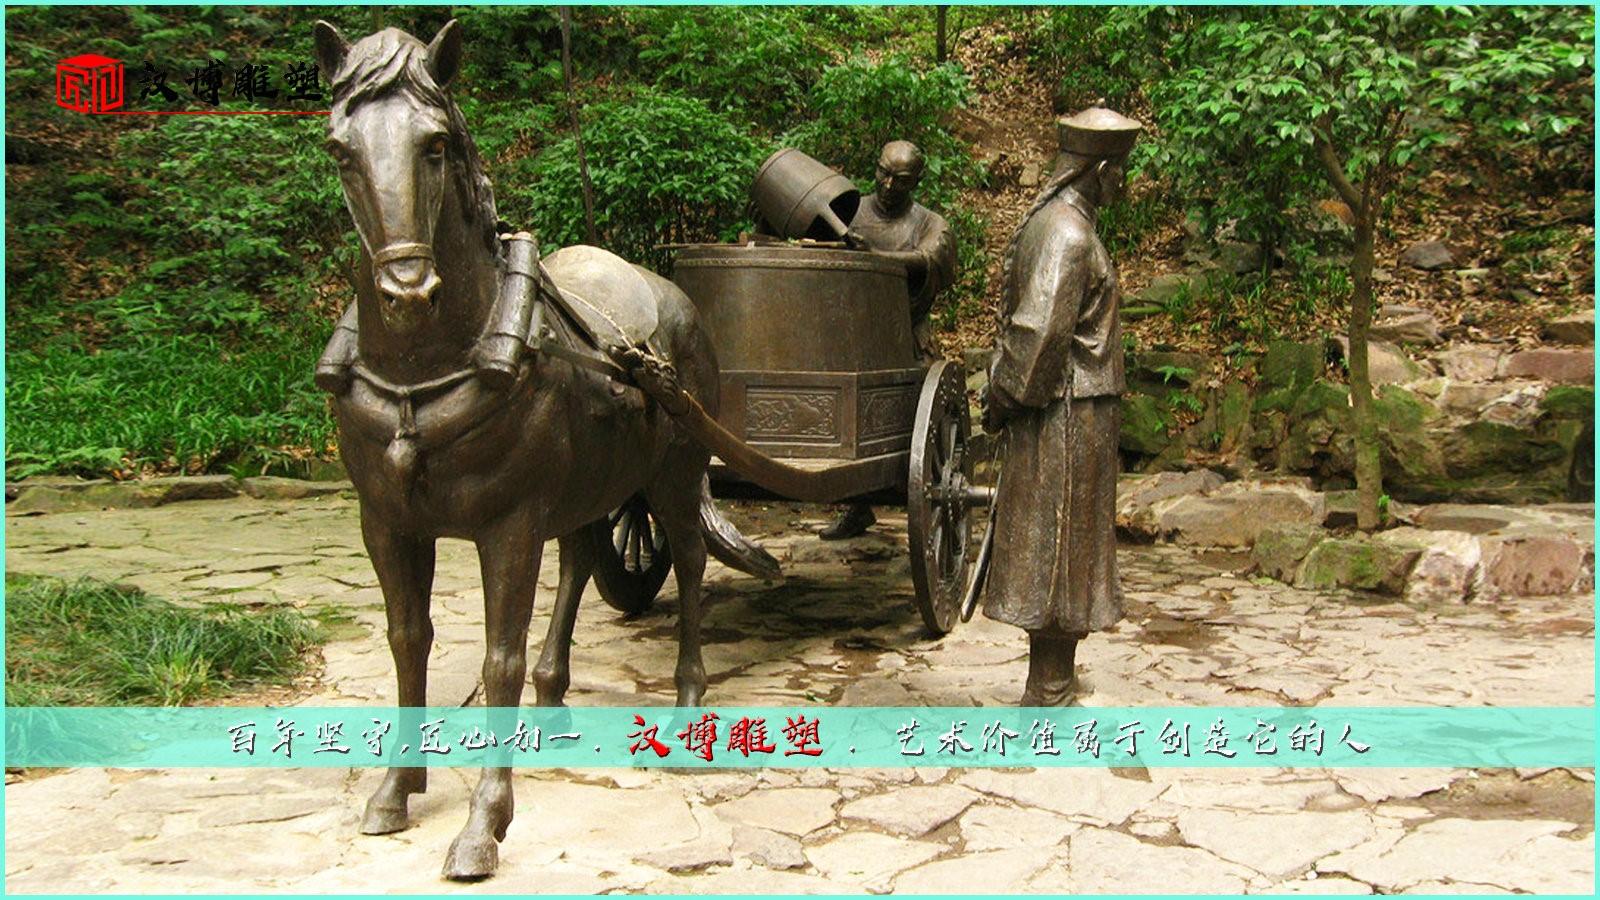 马车艺术雕塑,马蹄声声渐行渐远